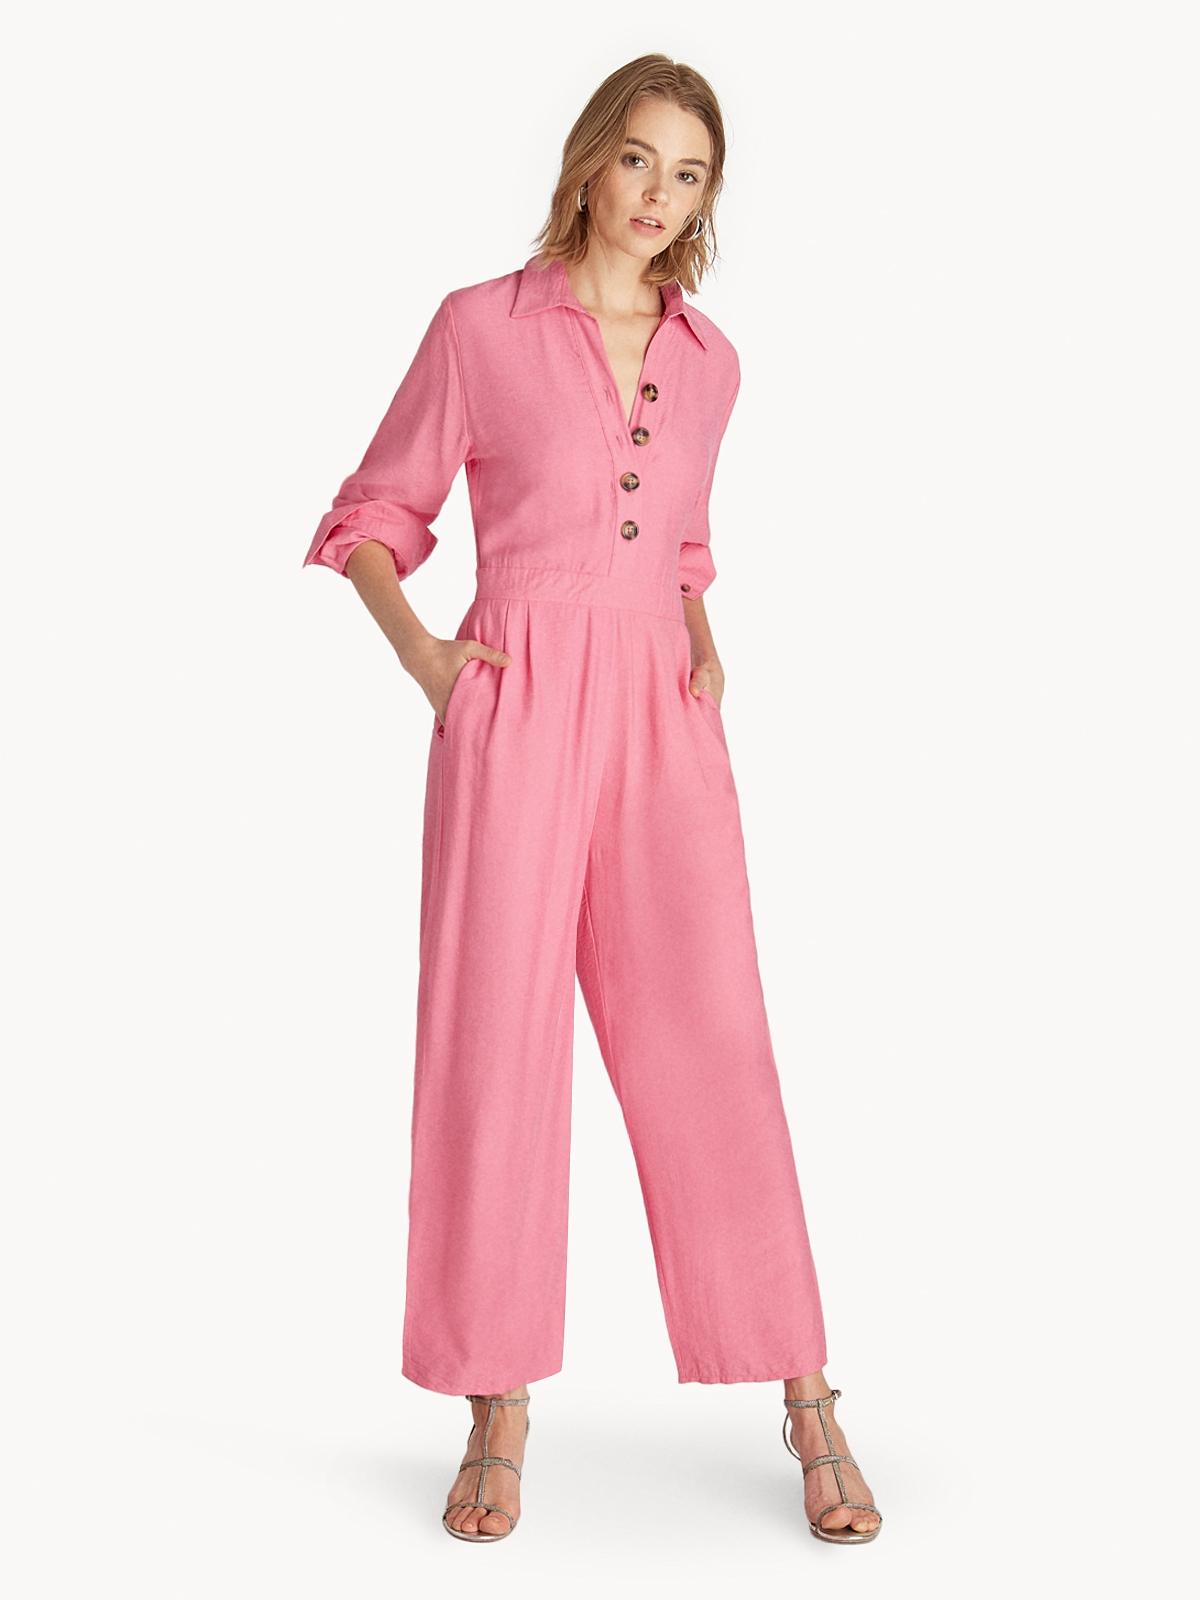 33f3d5e6e294 Jumpsuit   Romper - Pomelo Fashion